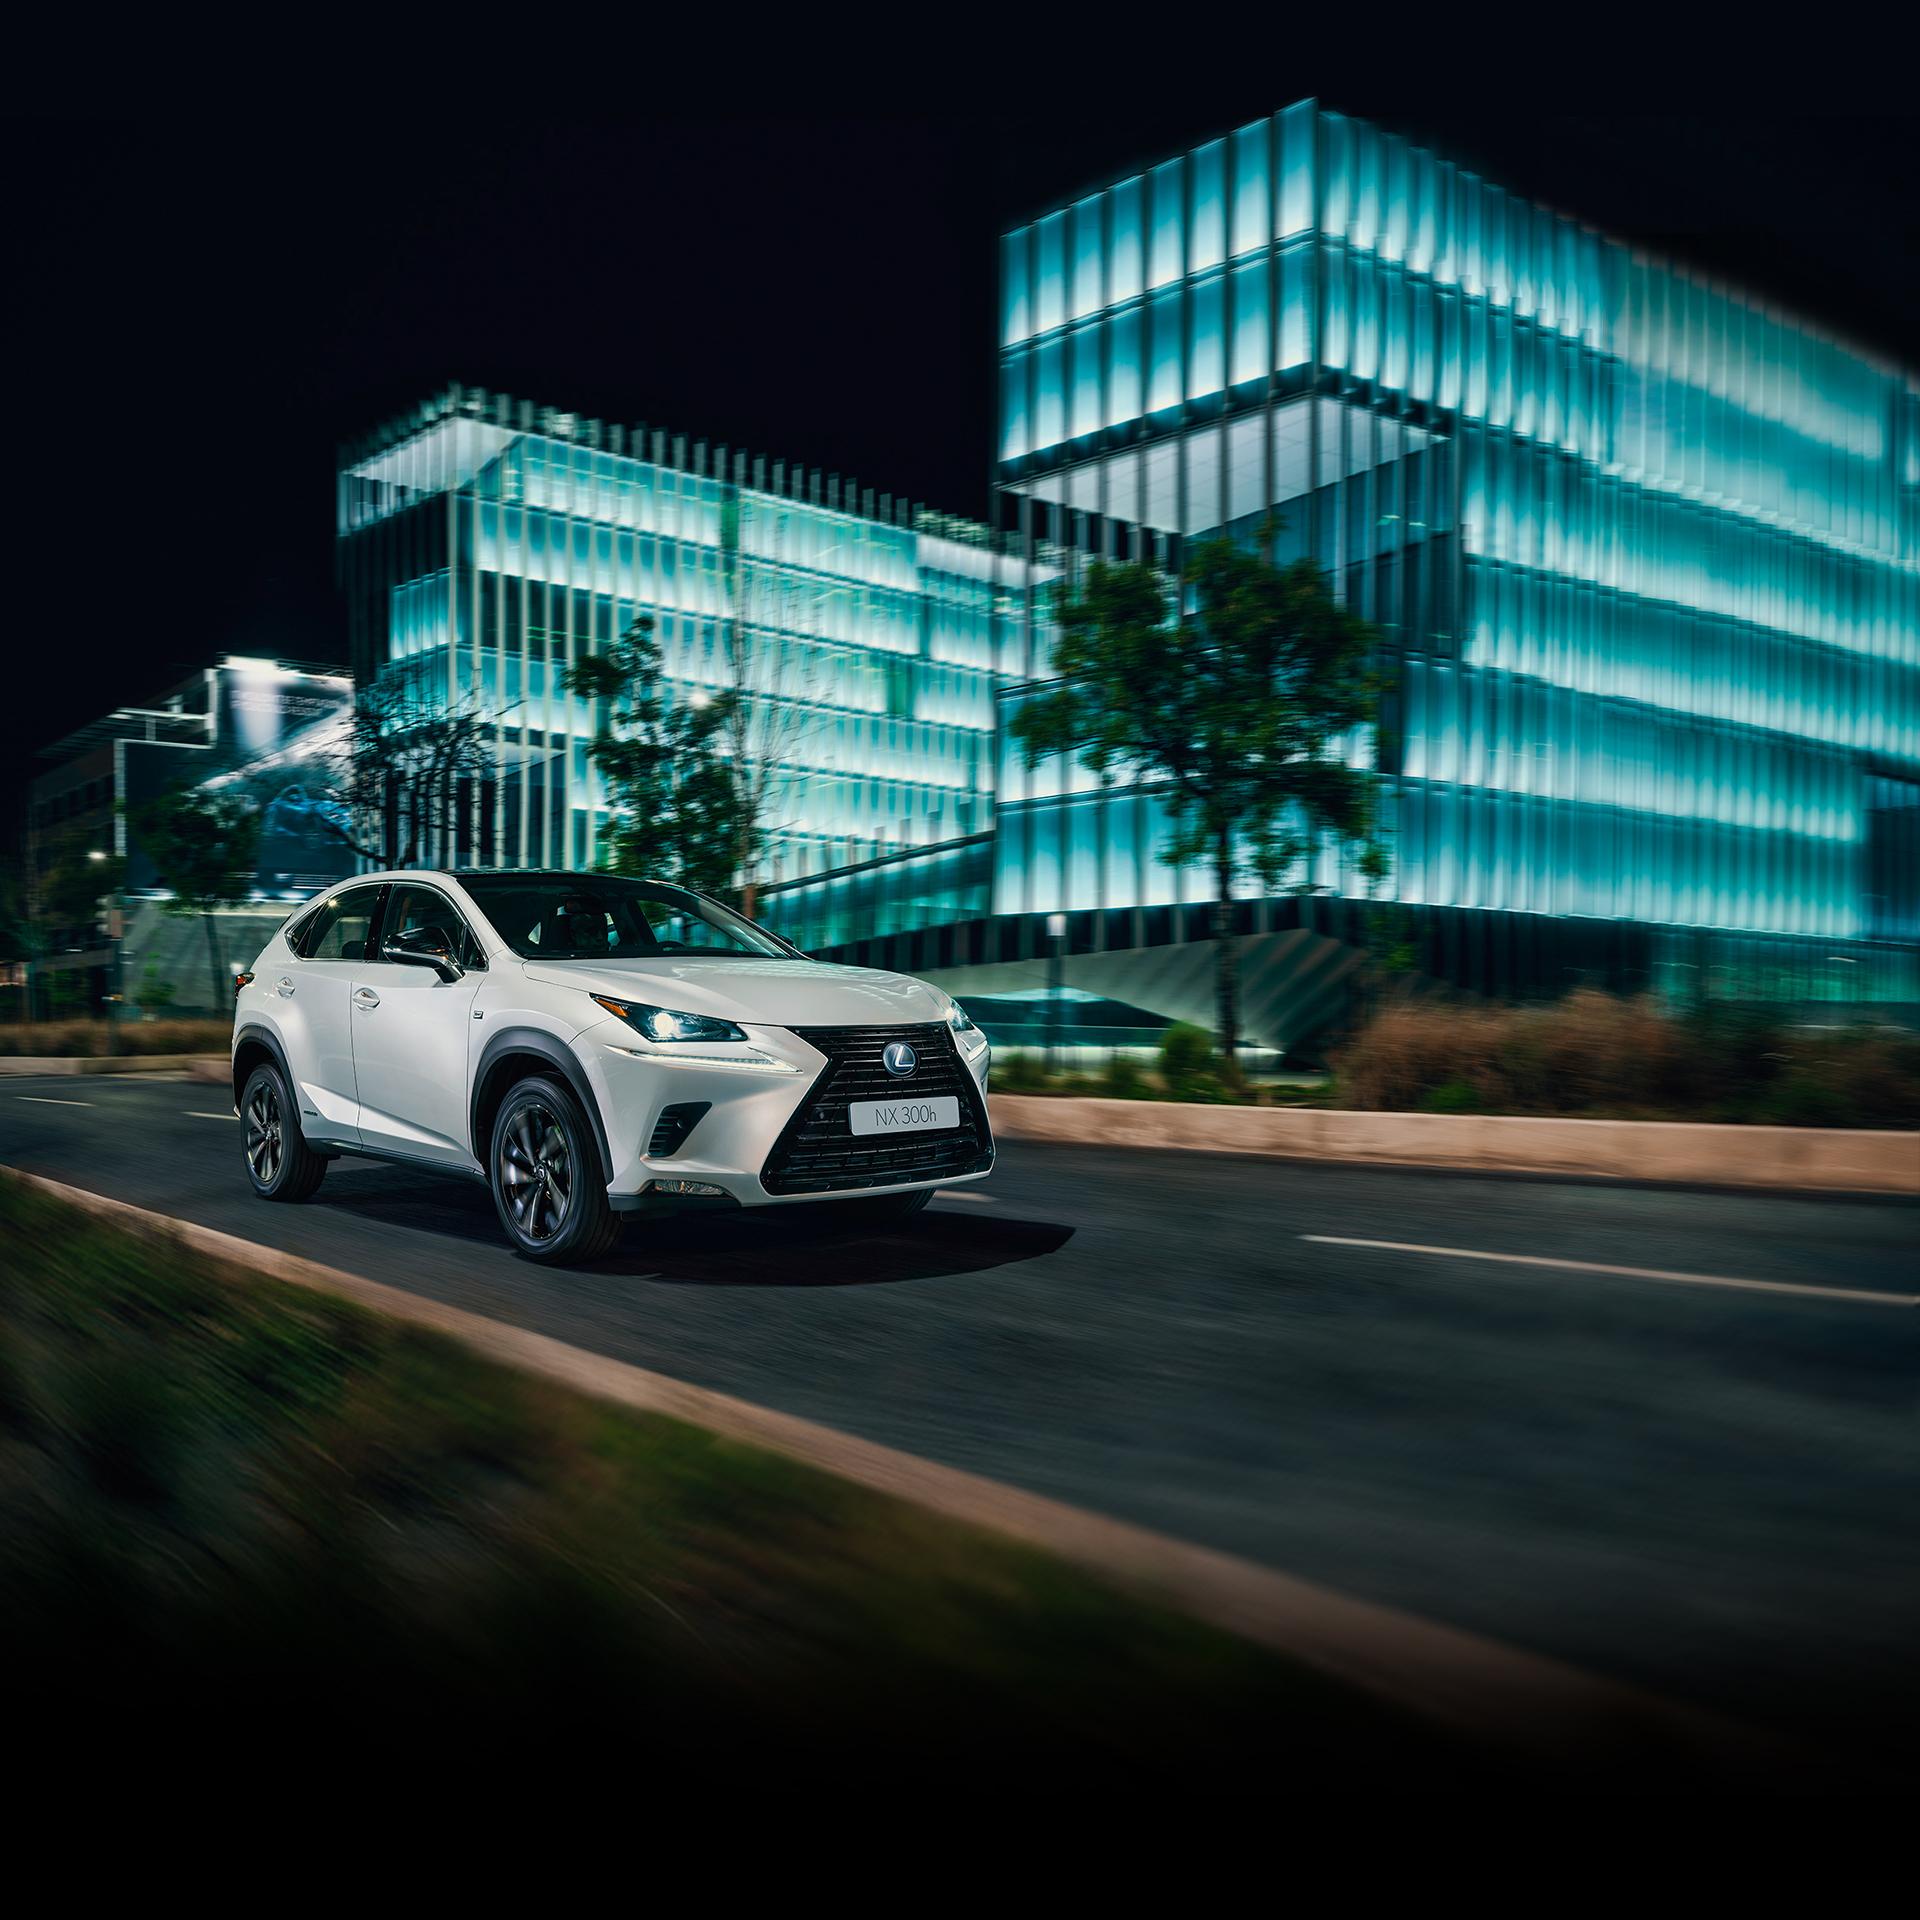 2019 Lexus Nx Hybrid: Lexus NX Mid Sized SUV